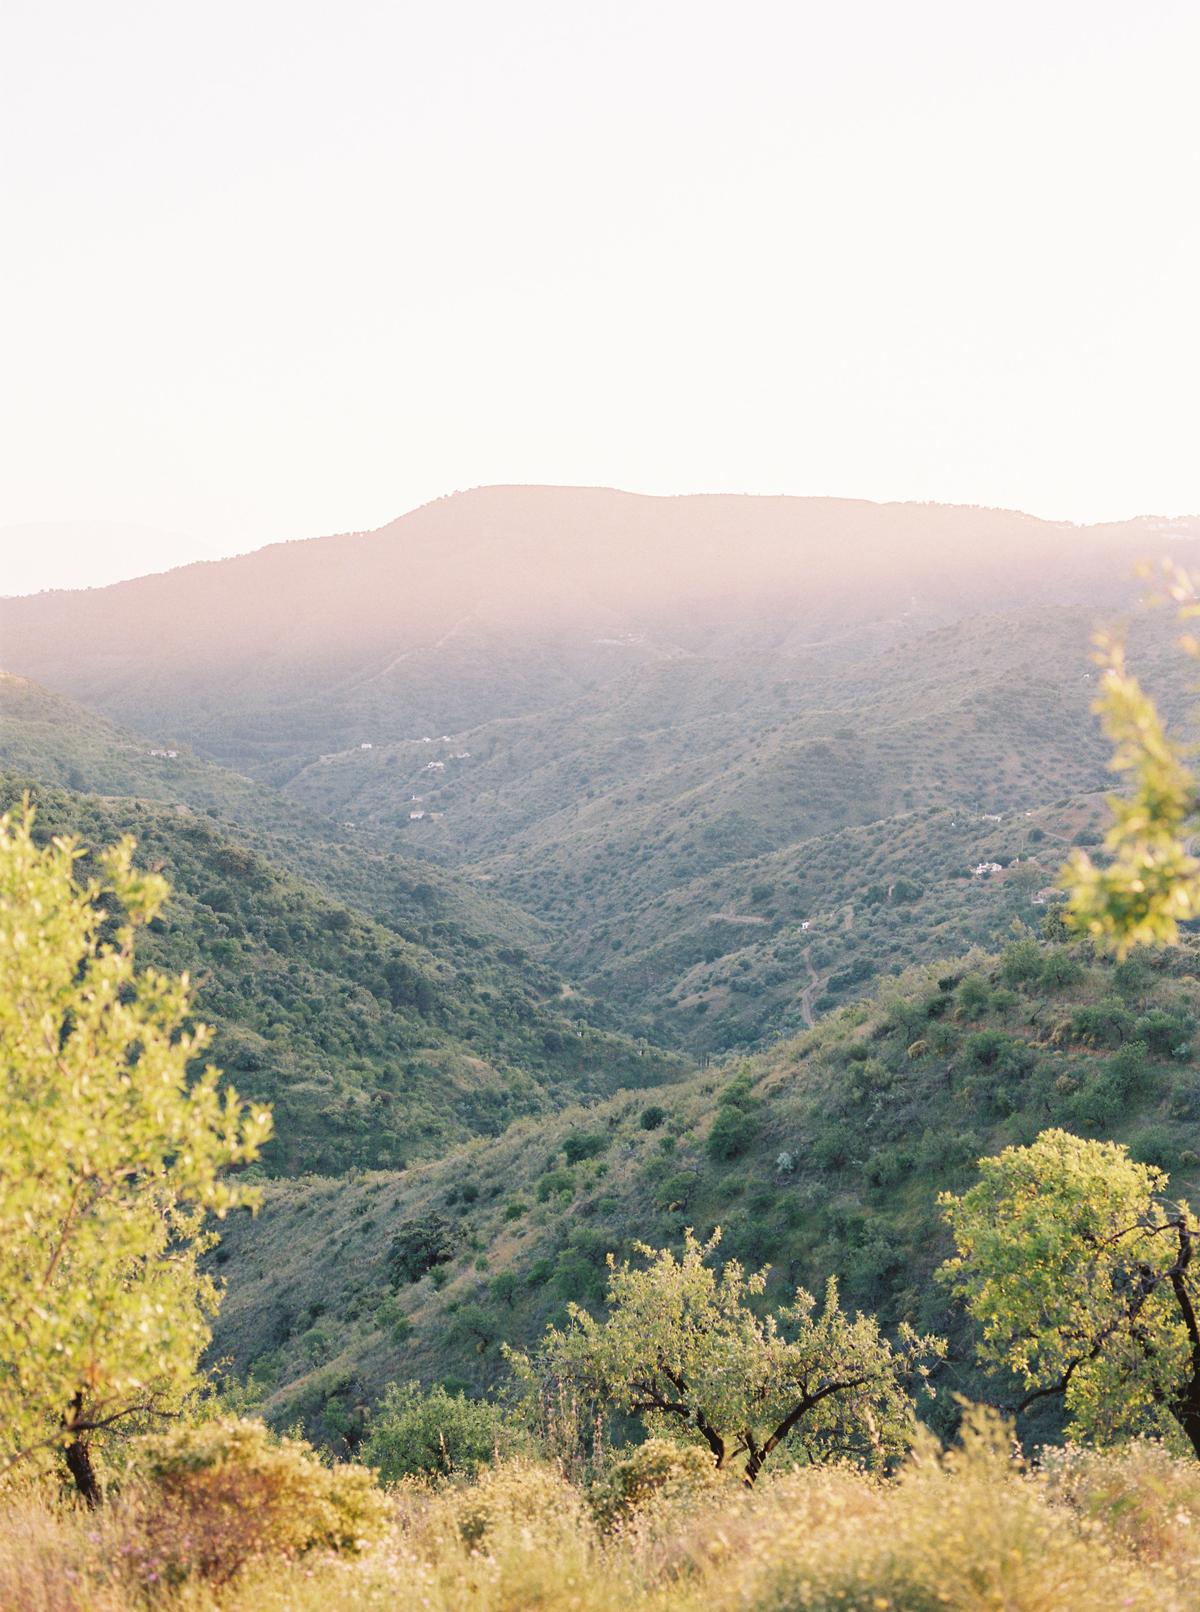 daphne jack wedding spain mountainous landscape